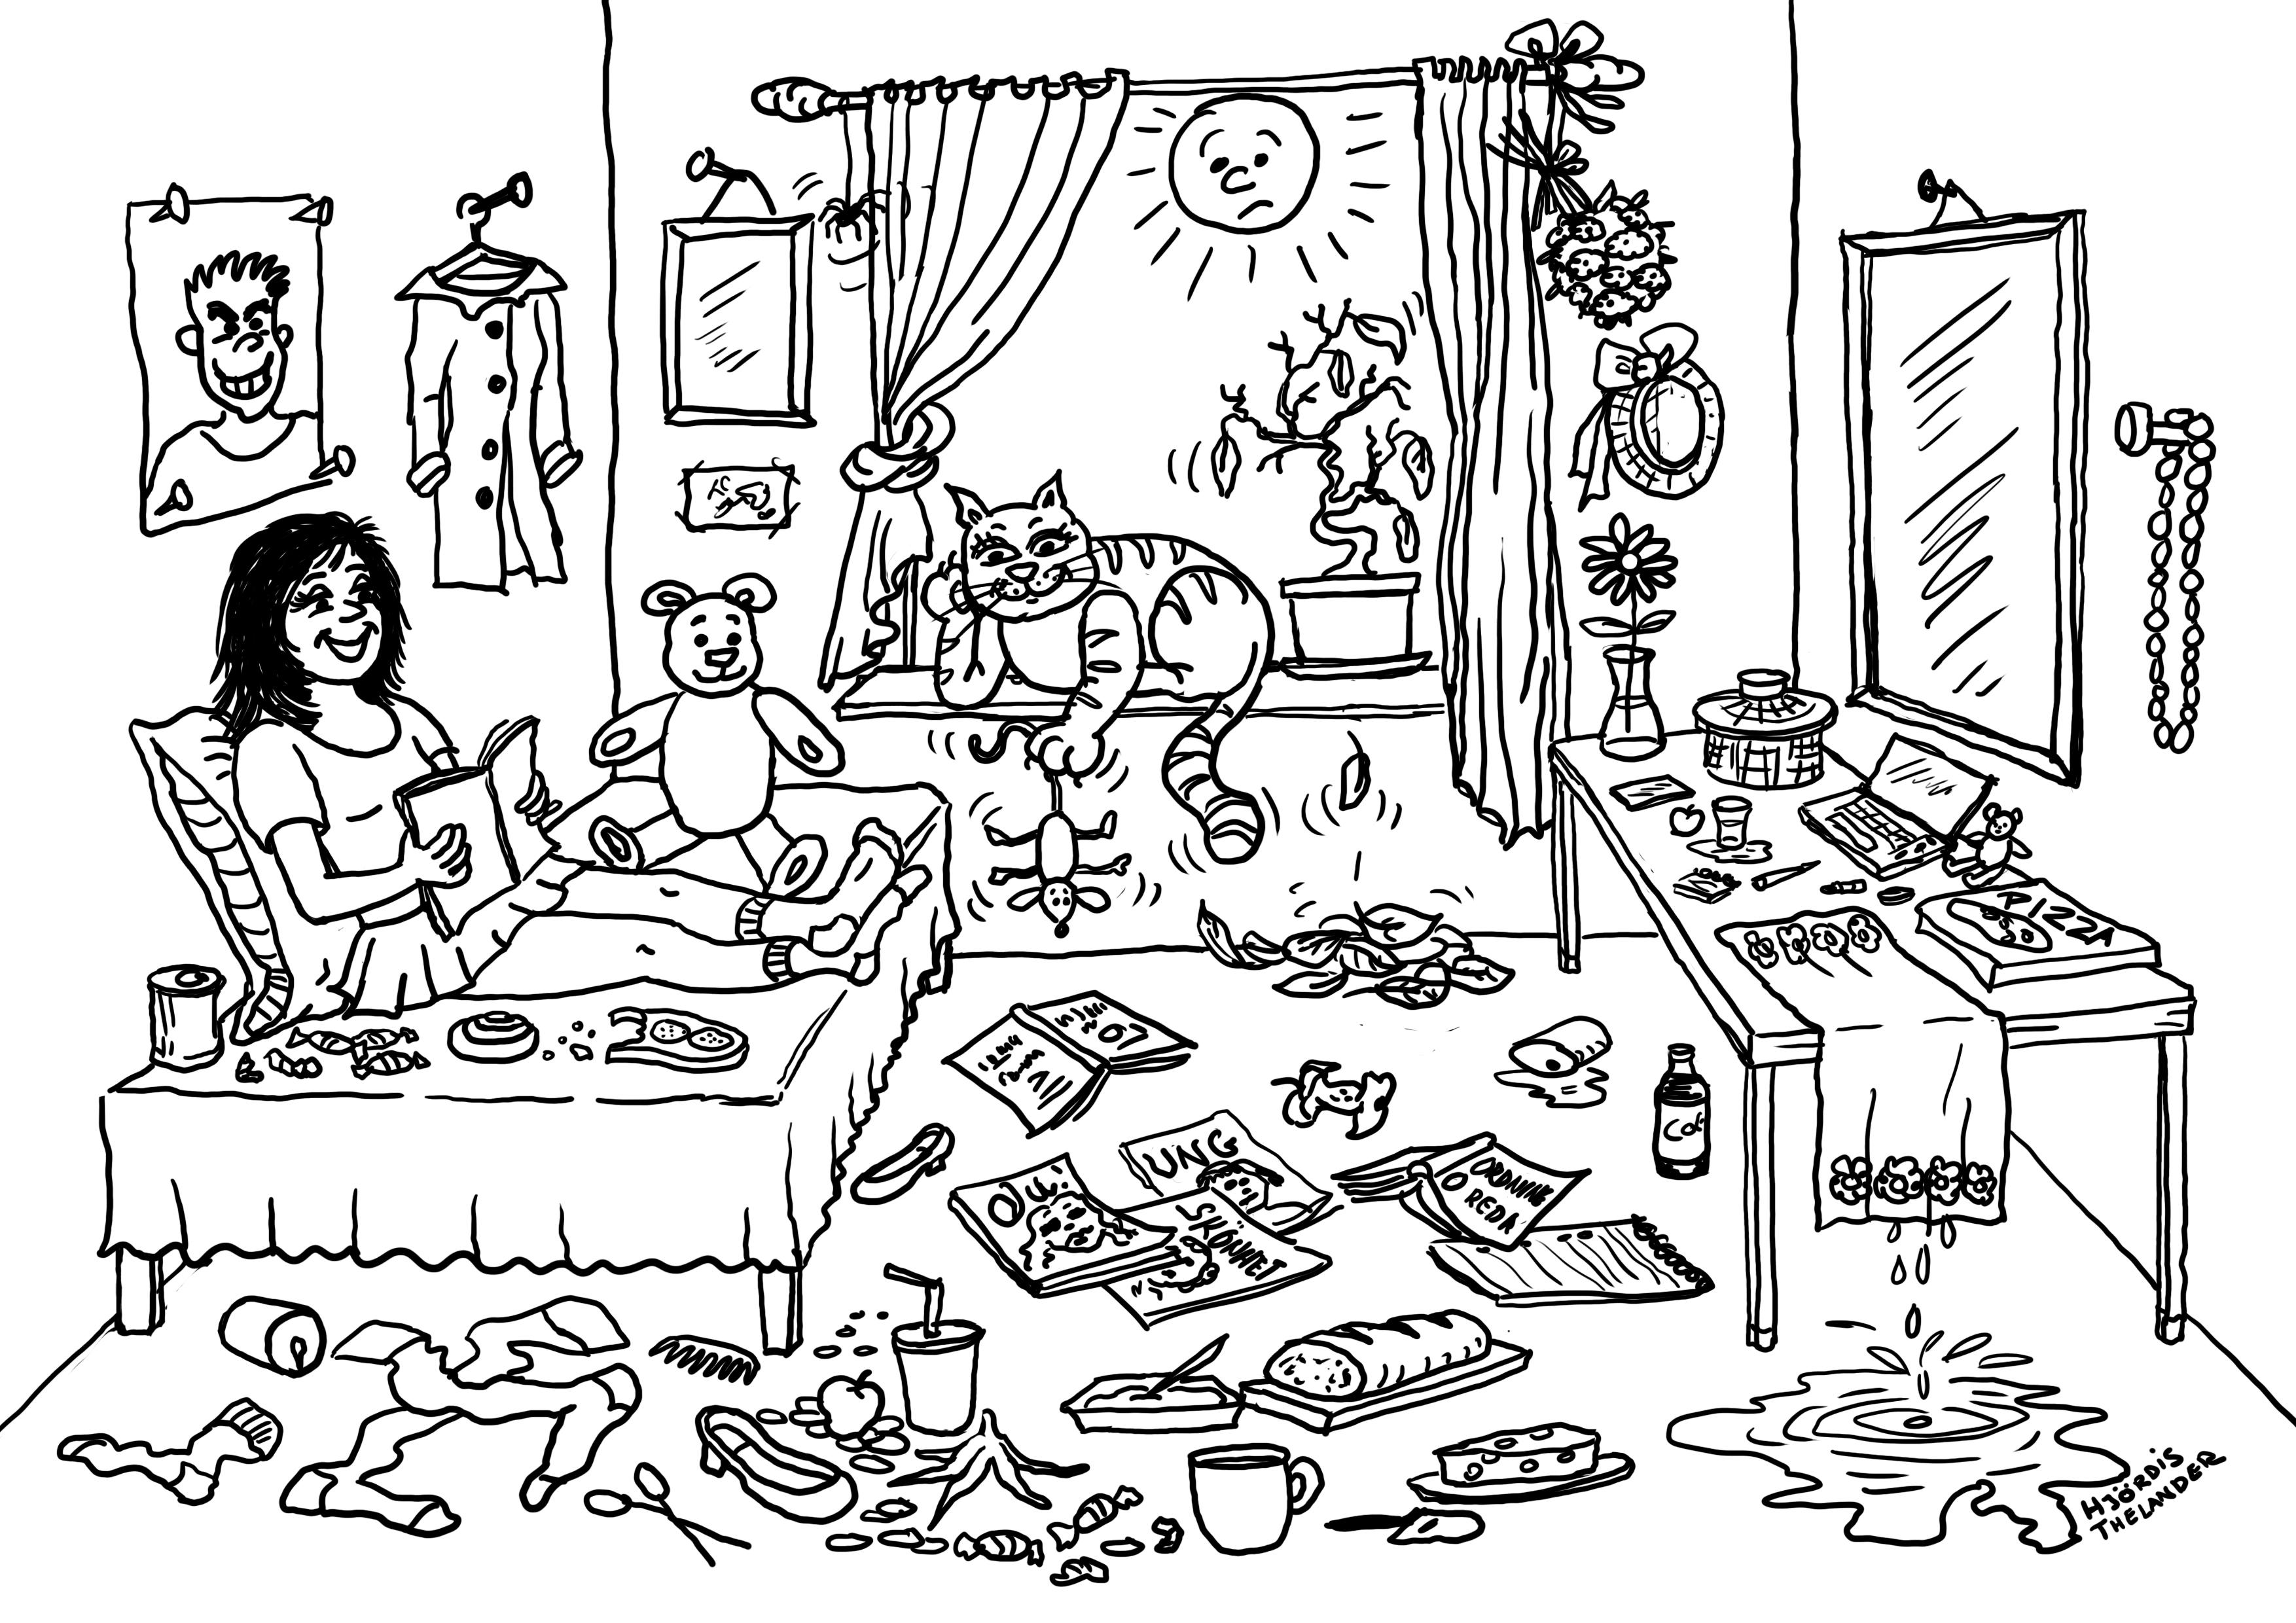 Boken Tonårsdöttrar, författare Jan Thelander